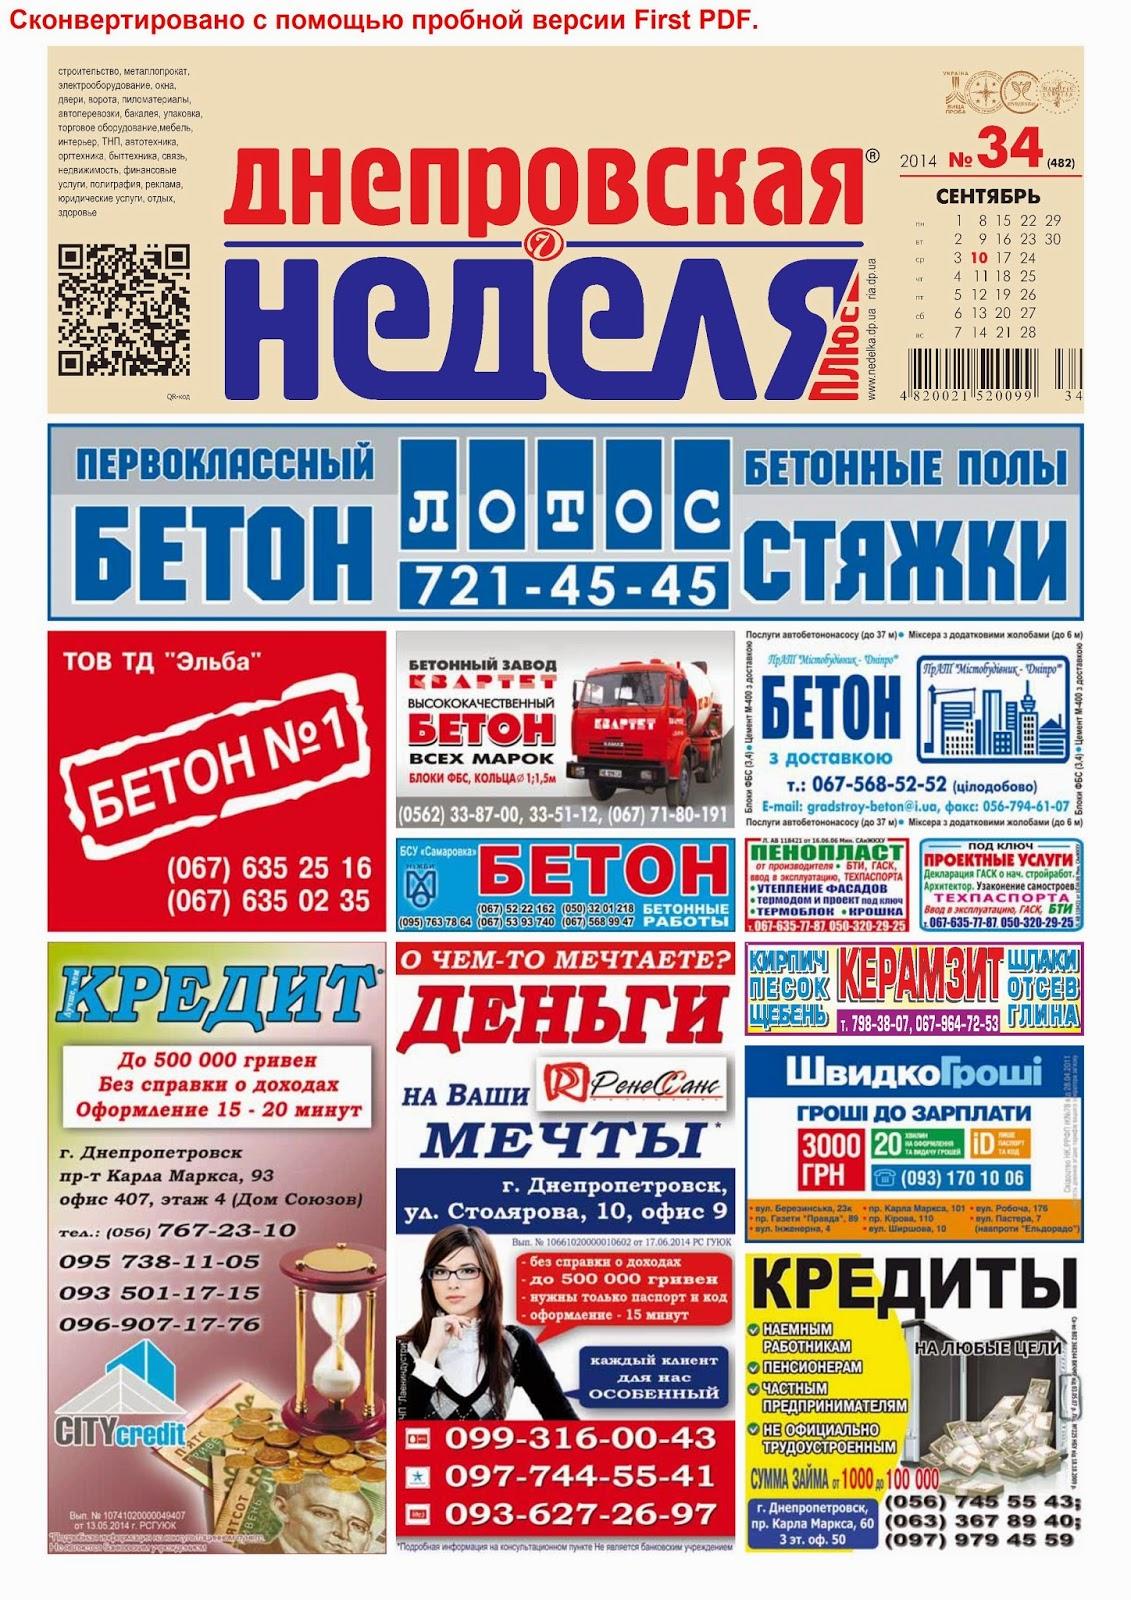 Неделя знакомства днепровская